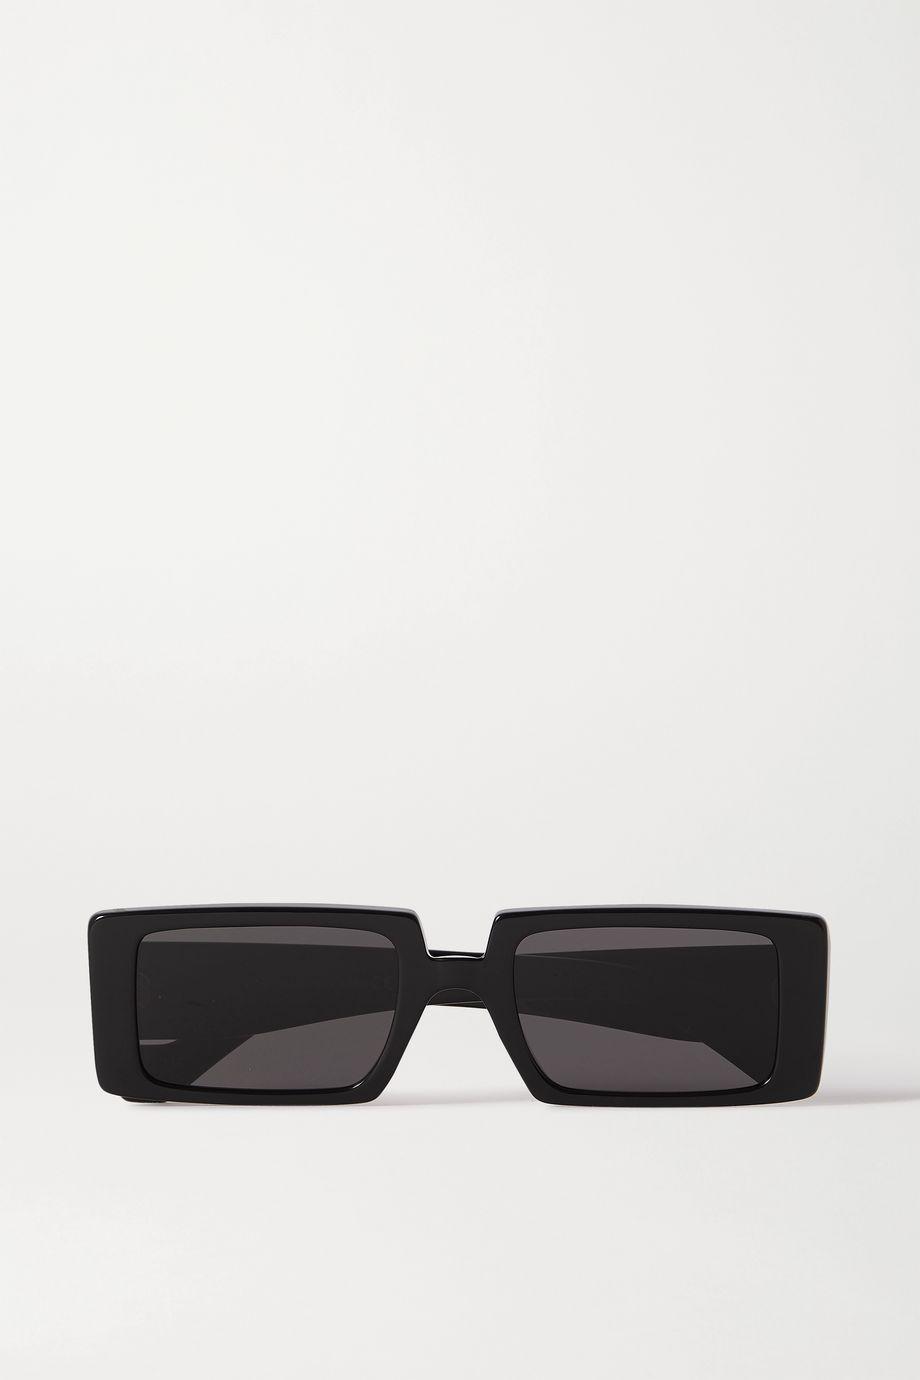 Loewe Sonnenbrille mit eckigem Rahmen aus Azetat